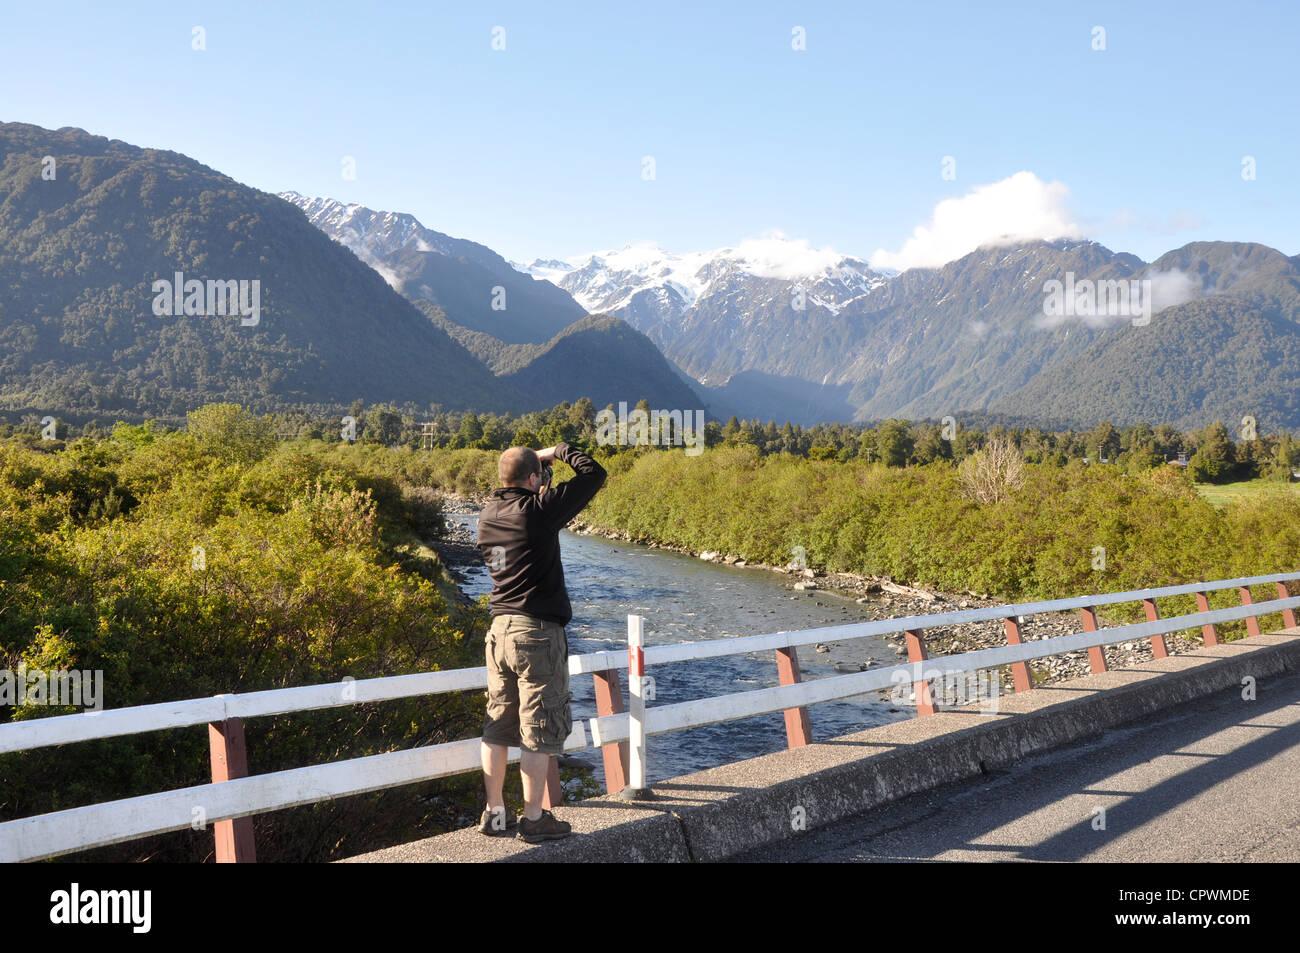 Turistica prendendo foto di montagne vicino a Franz Josef, Isola del Sud, nella costa occidentale della Nuova Zelanda Immagini Stock